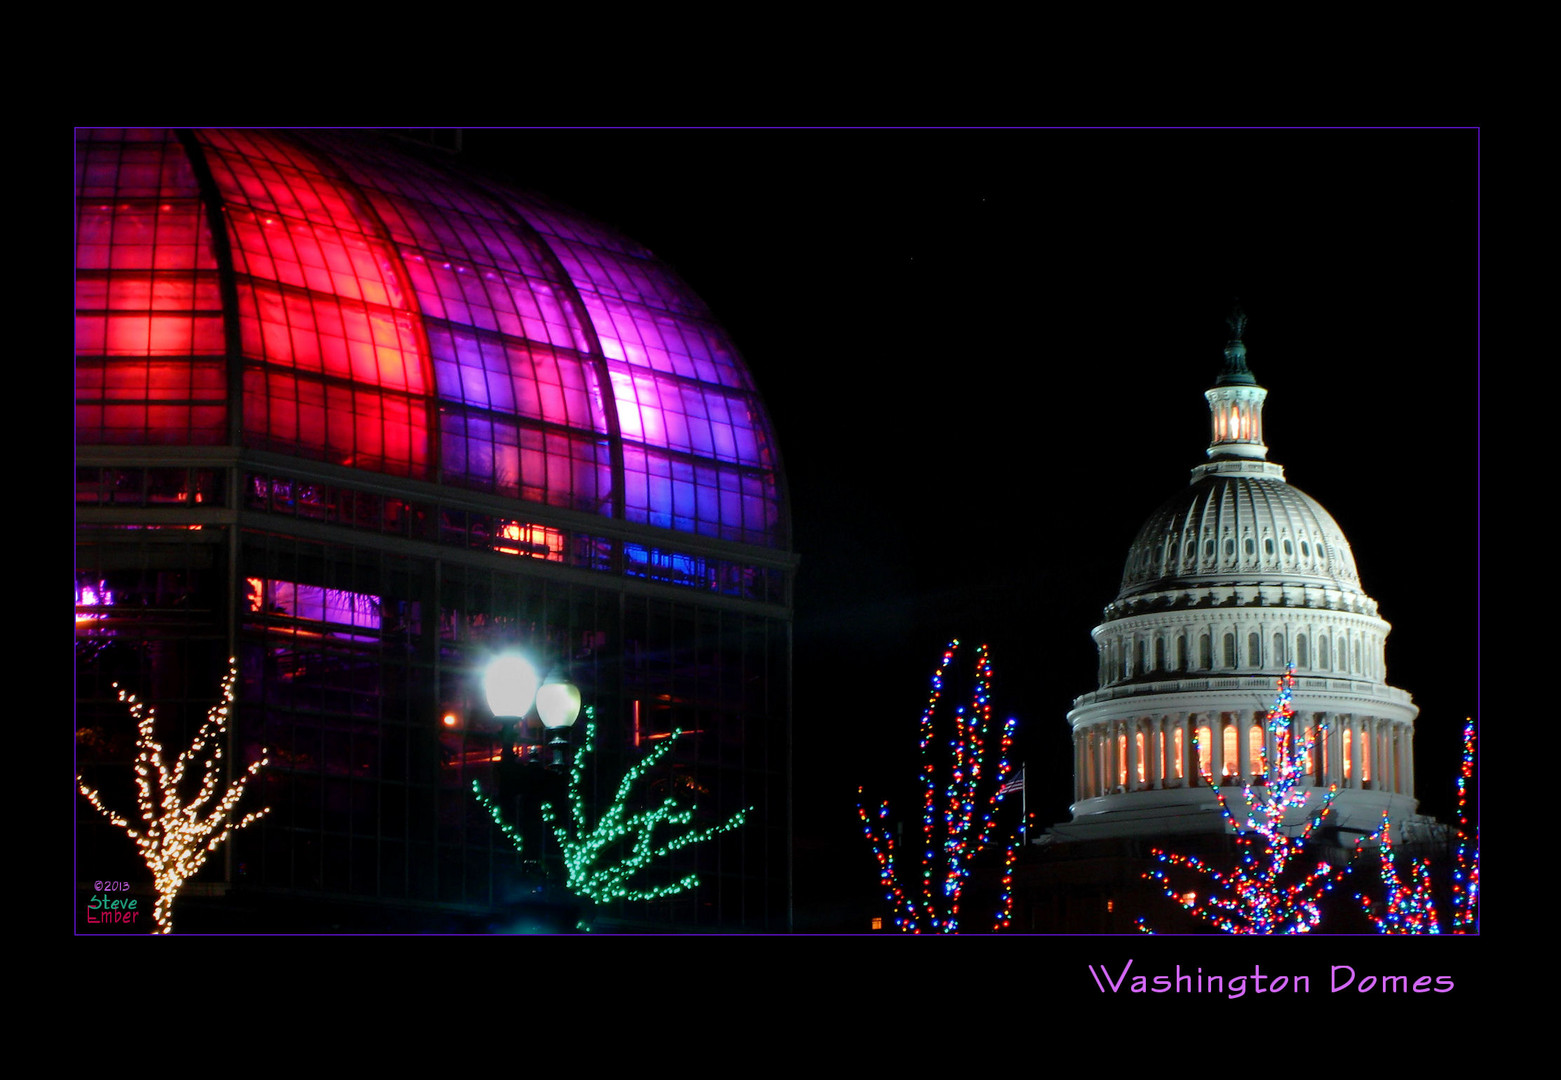 Washington Domes - No. 2